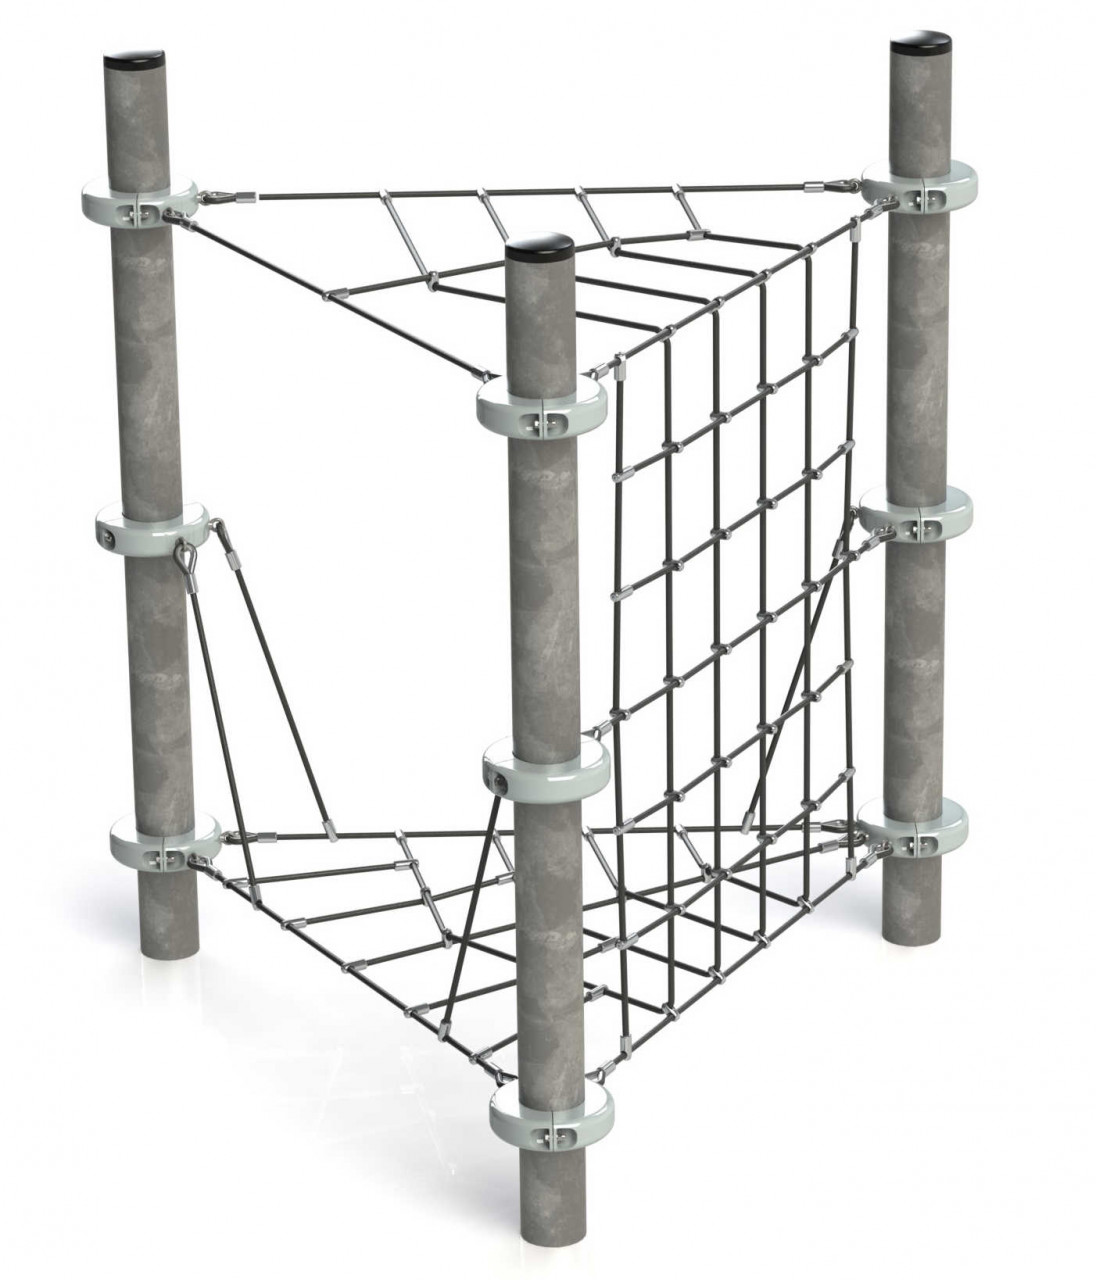 Klettergerüst Kletternetz Pergola für Kinder Spielplätze nach DIN EN 1176